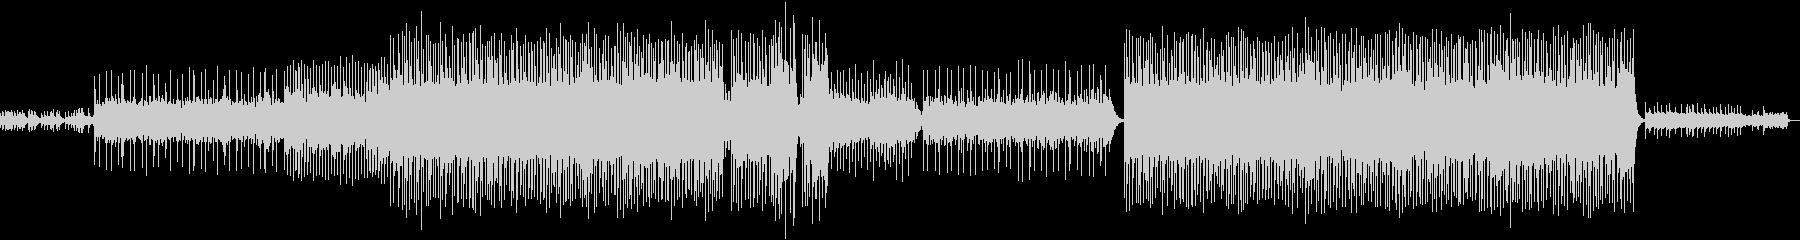 キラキラシンセが印象的で神秘的なサウンドの未再生の波形